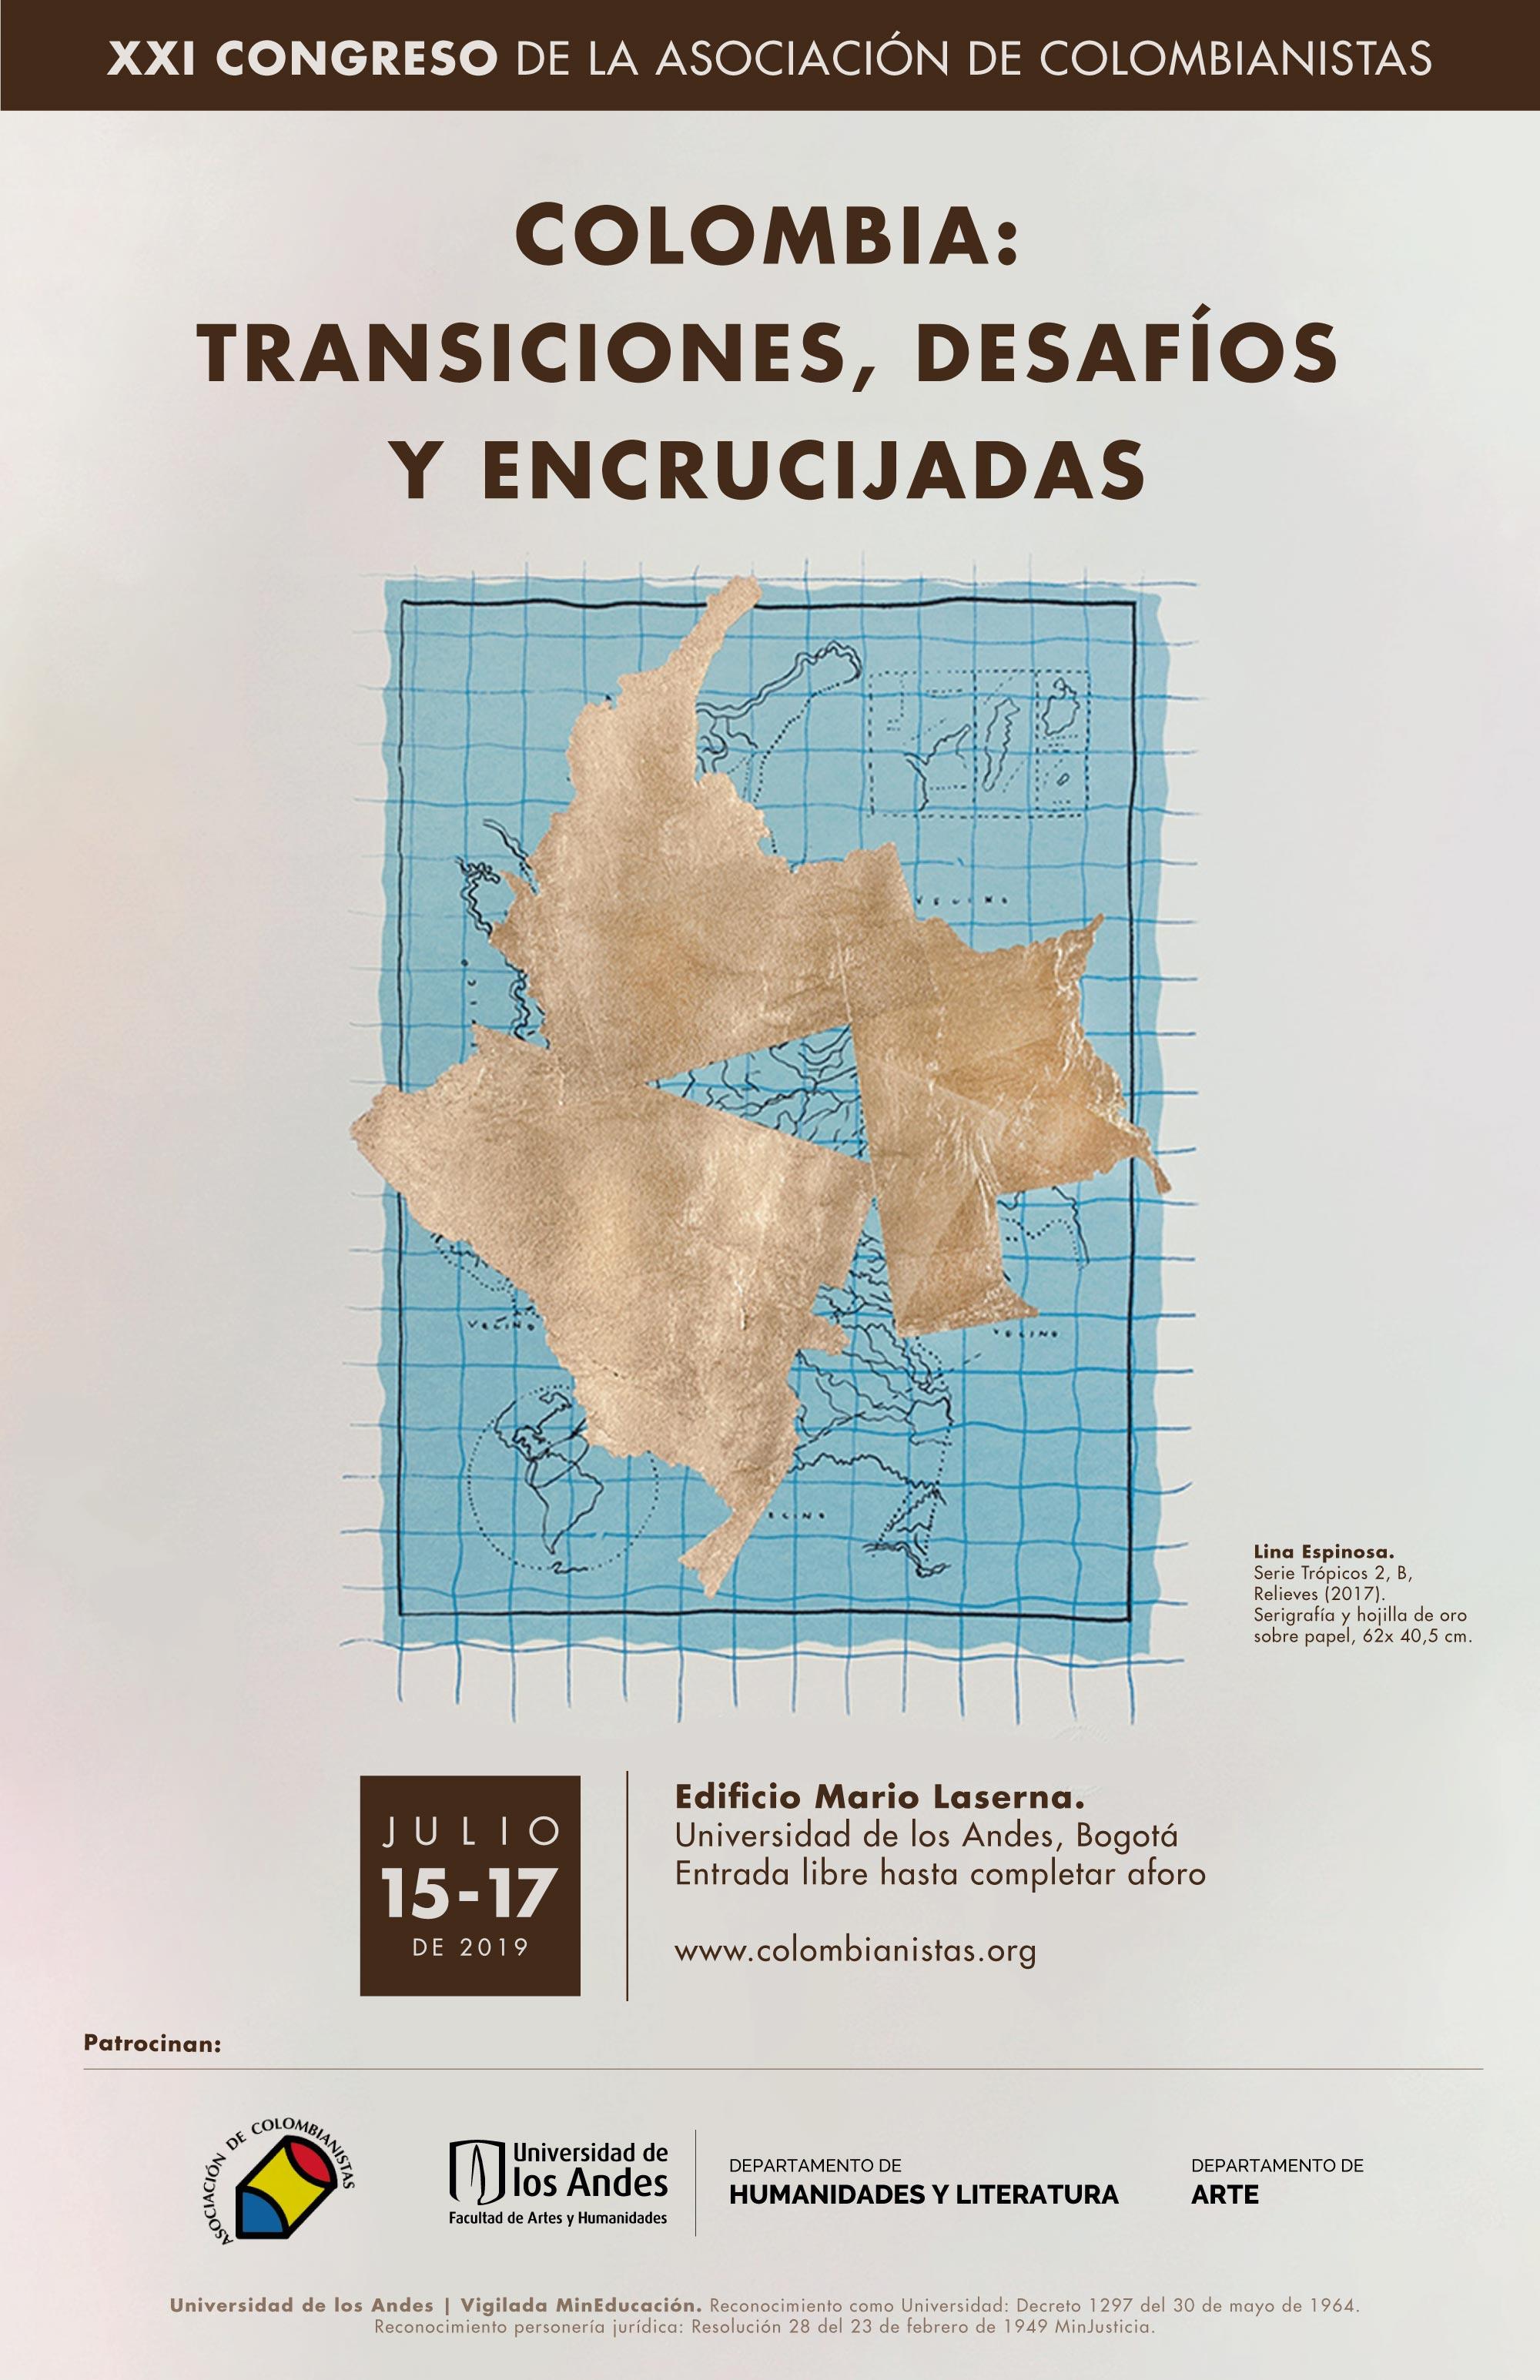 """XXI Congreso de la Asociación de Colombianistas """"Transiciones, desafíos y encrucijadas"""""""